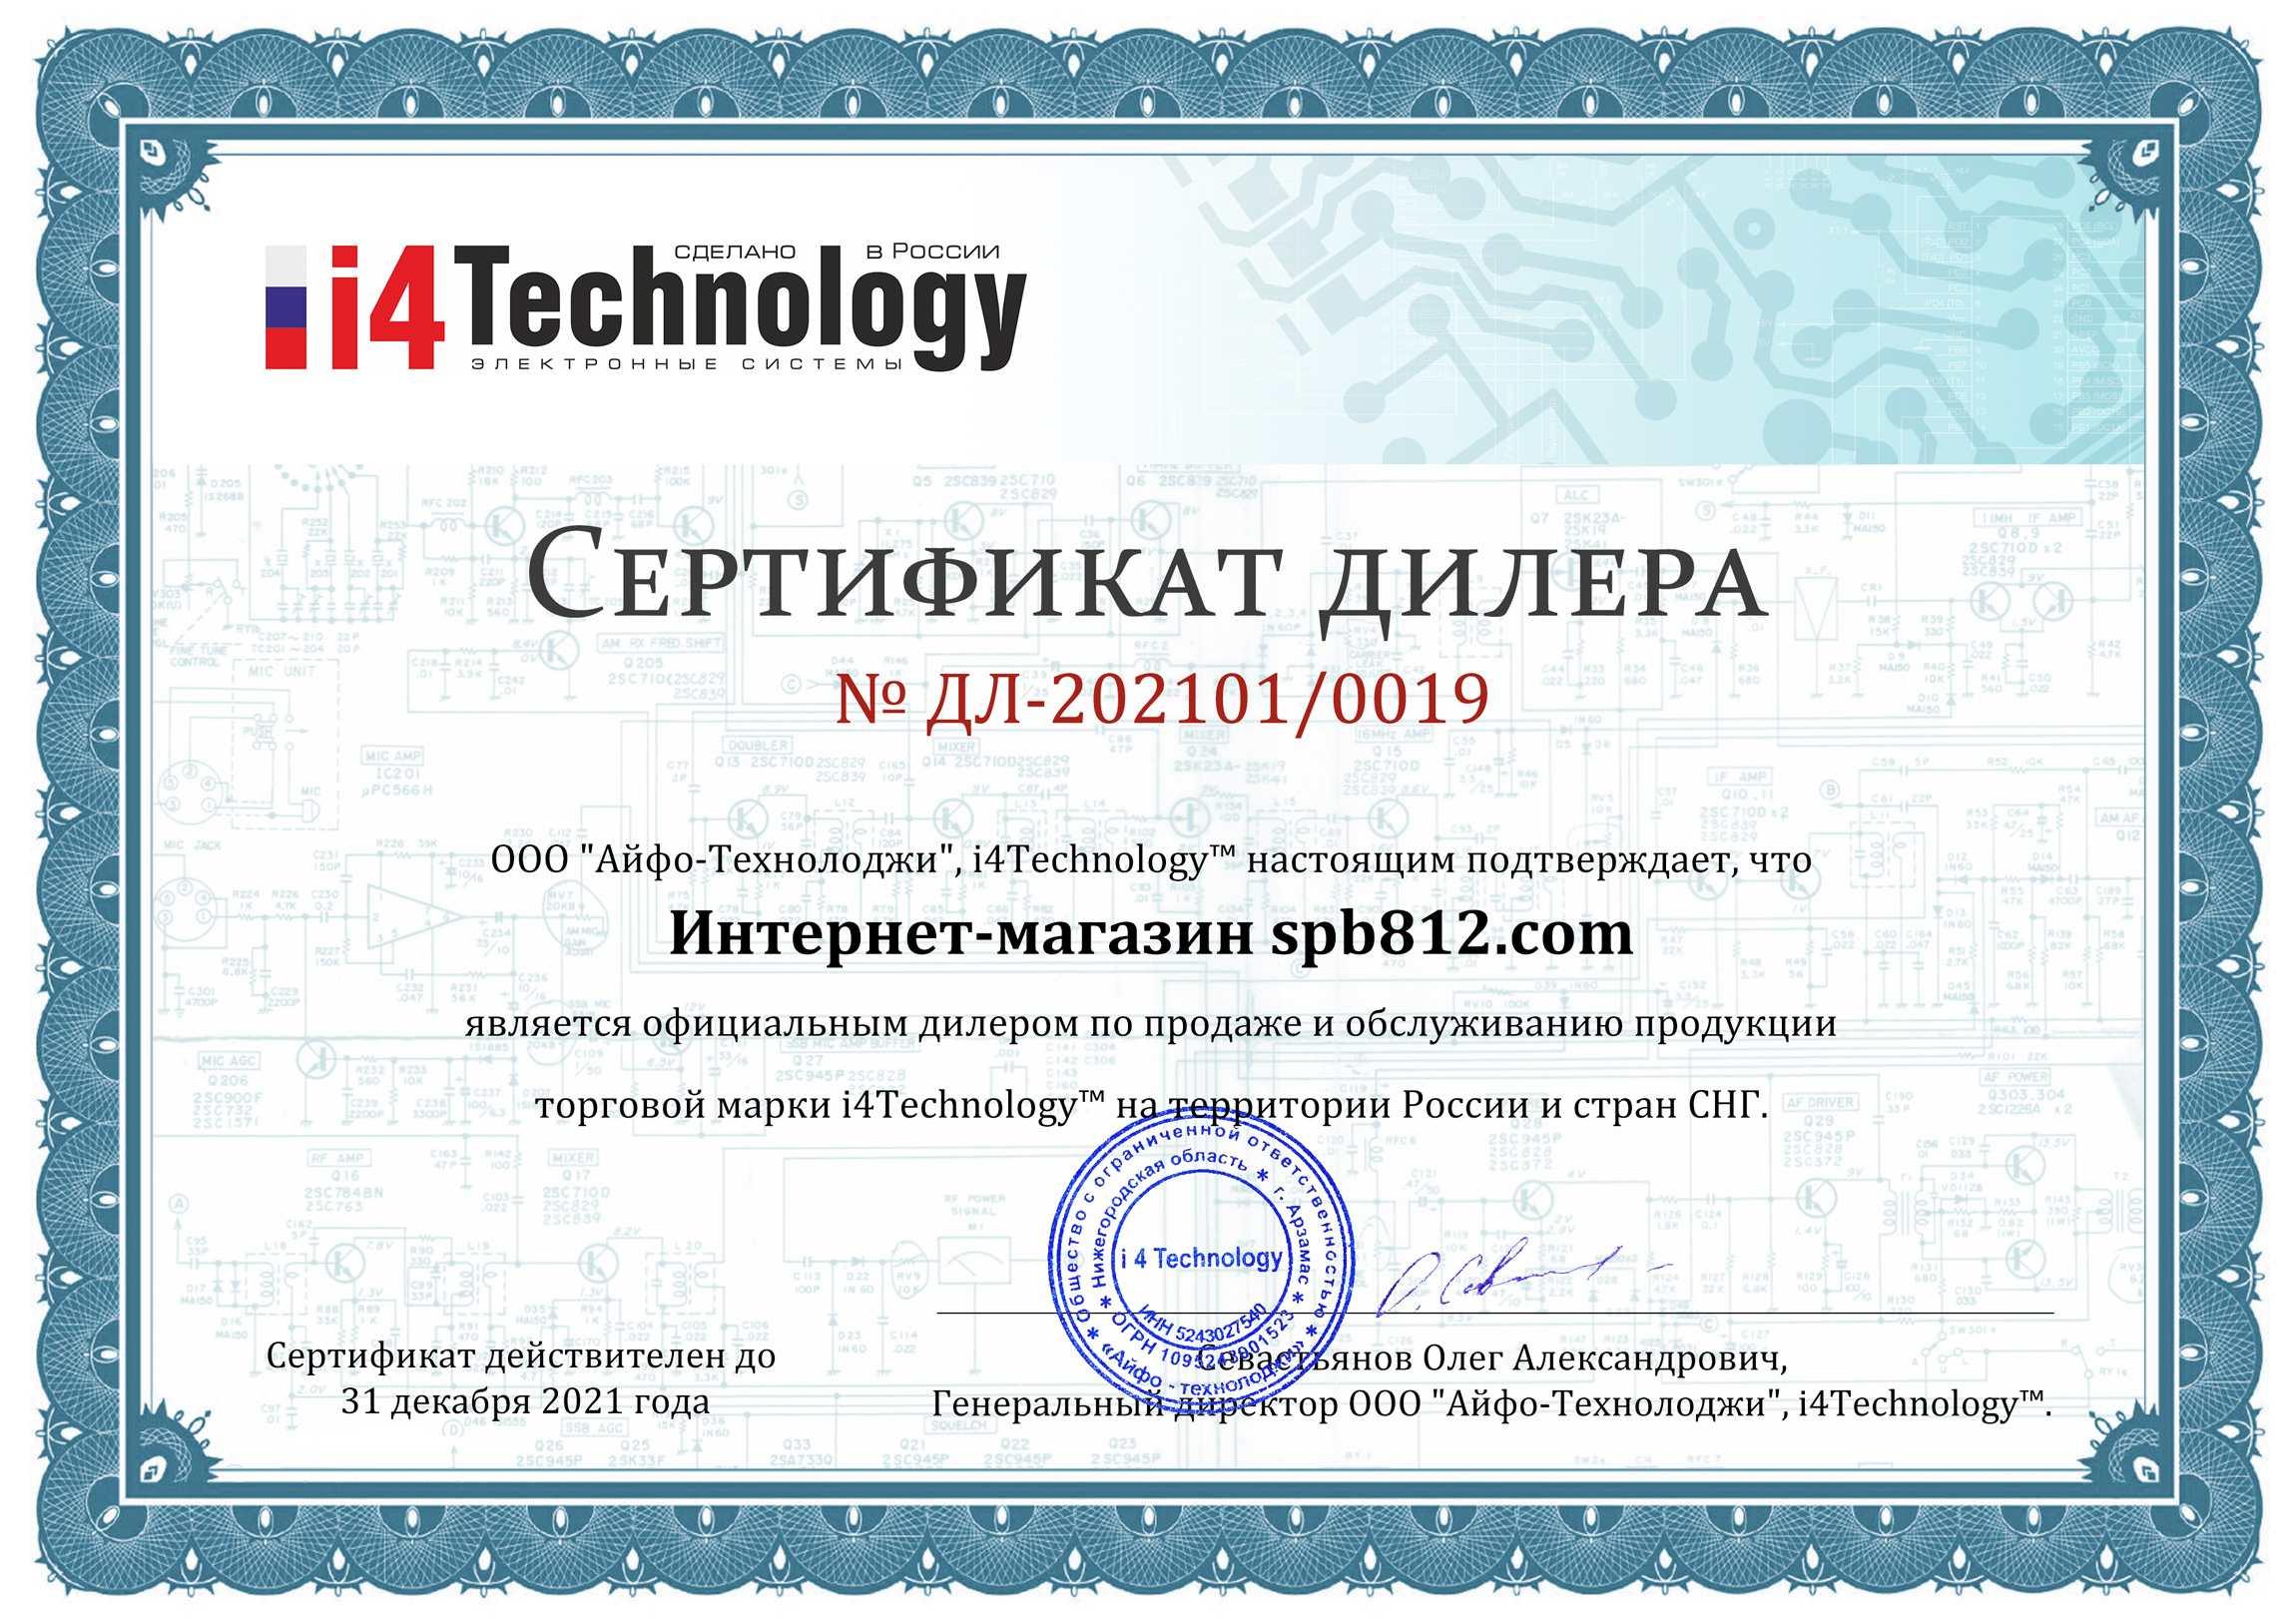 Наш магазин является эксклюзивным дистрибьютором товаров i4Technology и имеет соответствующий сертификат (нажмите для увеличения)